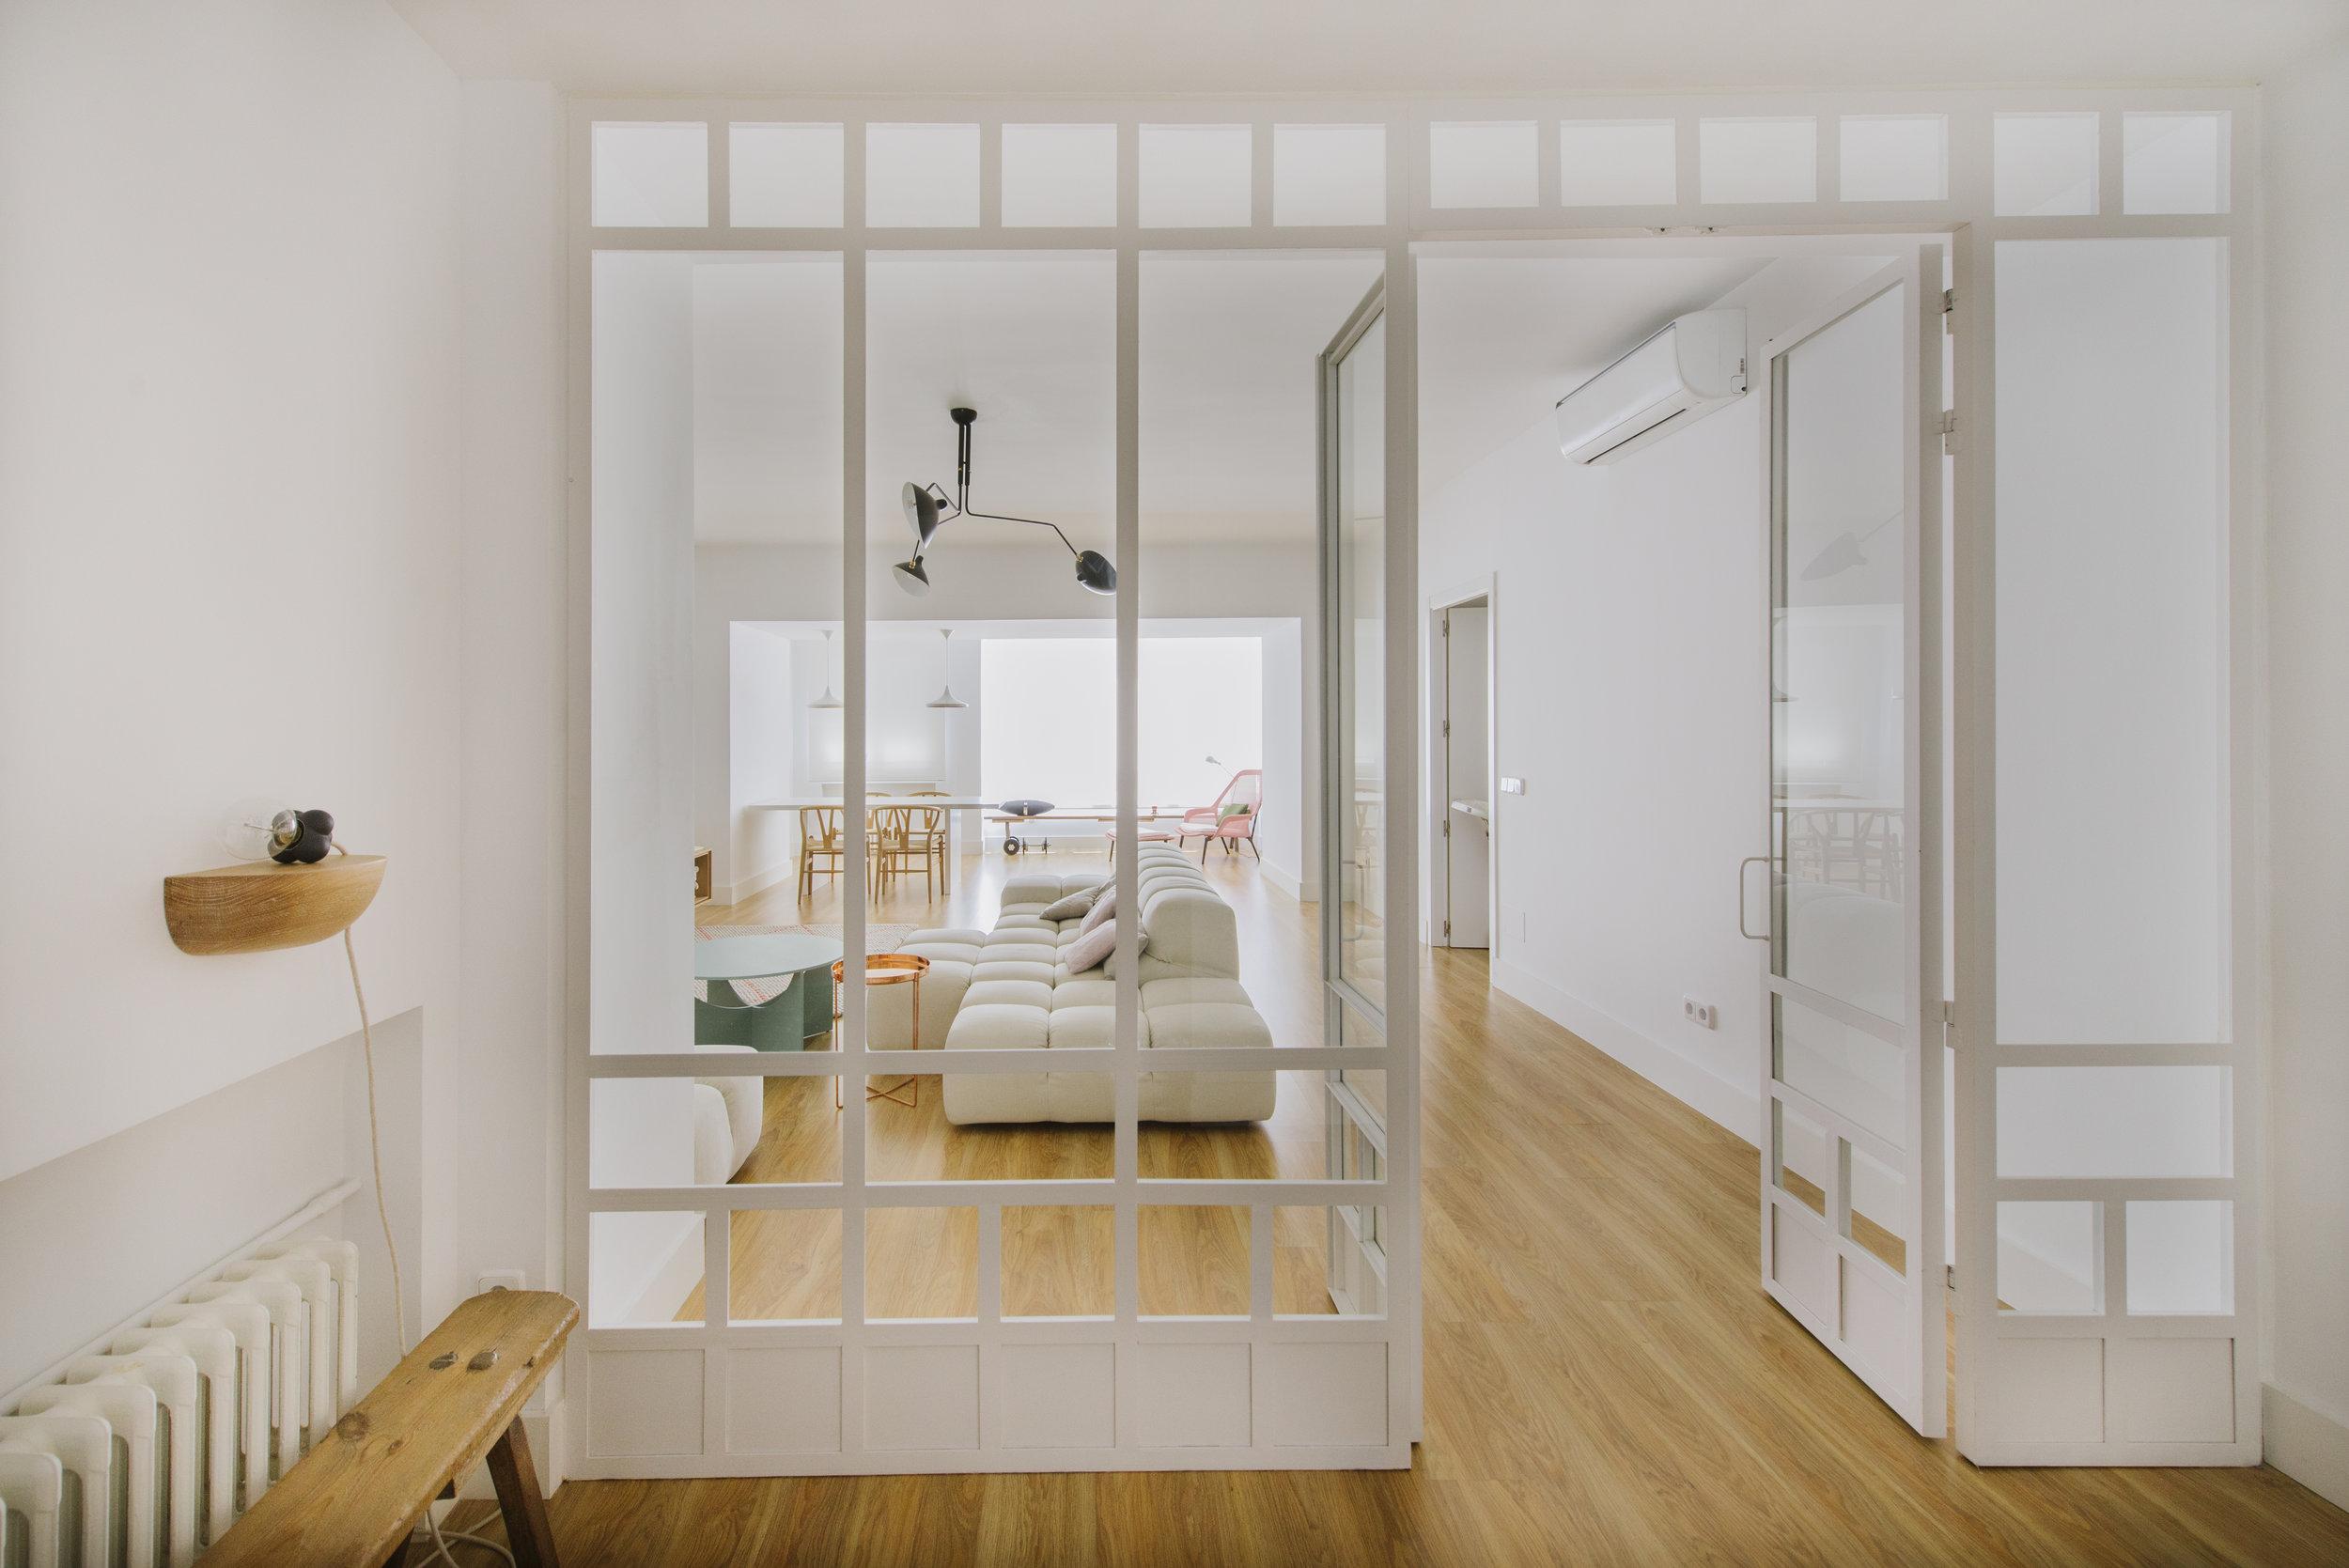 fotografía-estudio-arquitectura-nimu-278